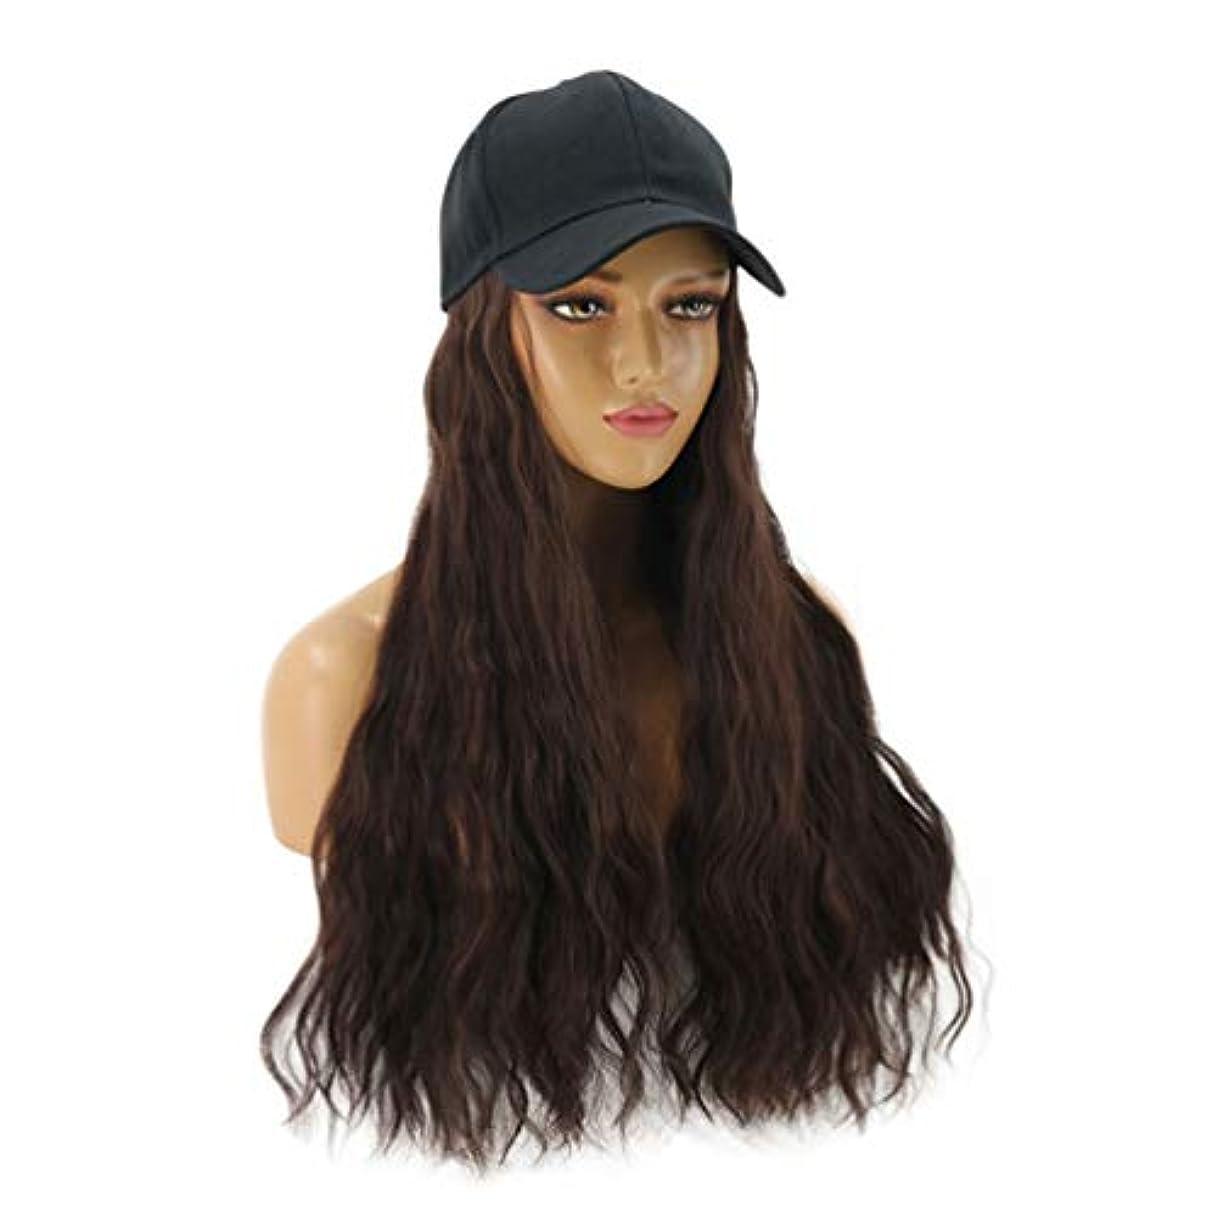 南東世界の窓嵐が丘ヘアエクステンション付き女性野球帽コーンウェーブヘアエクステンション付きブラックハット付き天然人工毛毎日のパーティー用ワンピース